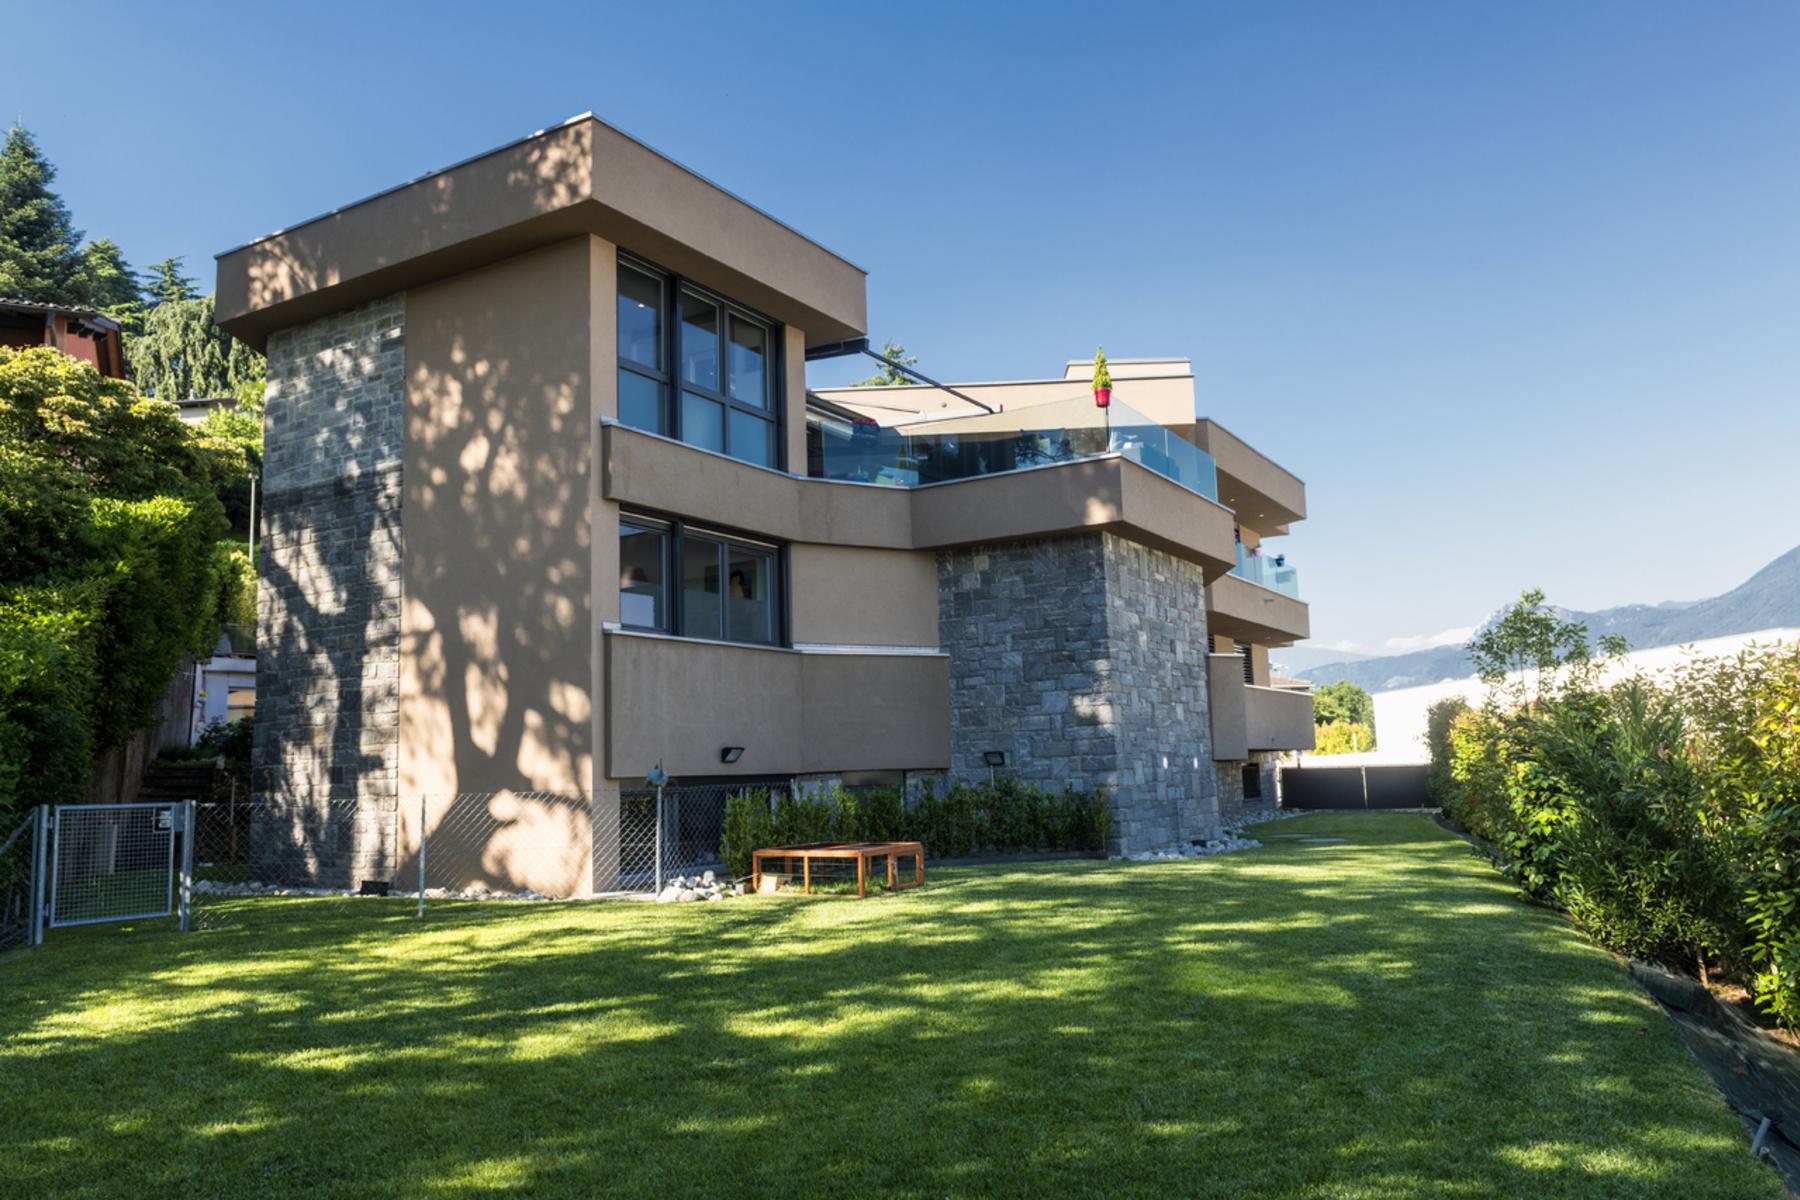 واحد منزل الأسرة للـ Sale في Modern villa situated in a raised position Lugano, Lugano, Ticino, 6900 Switzerland